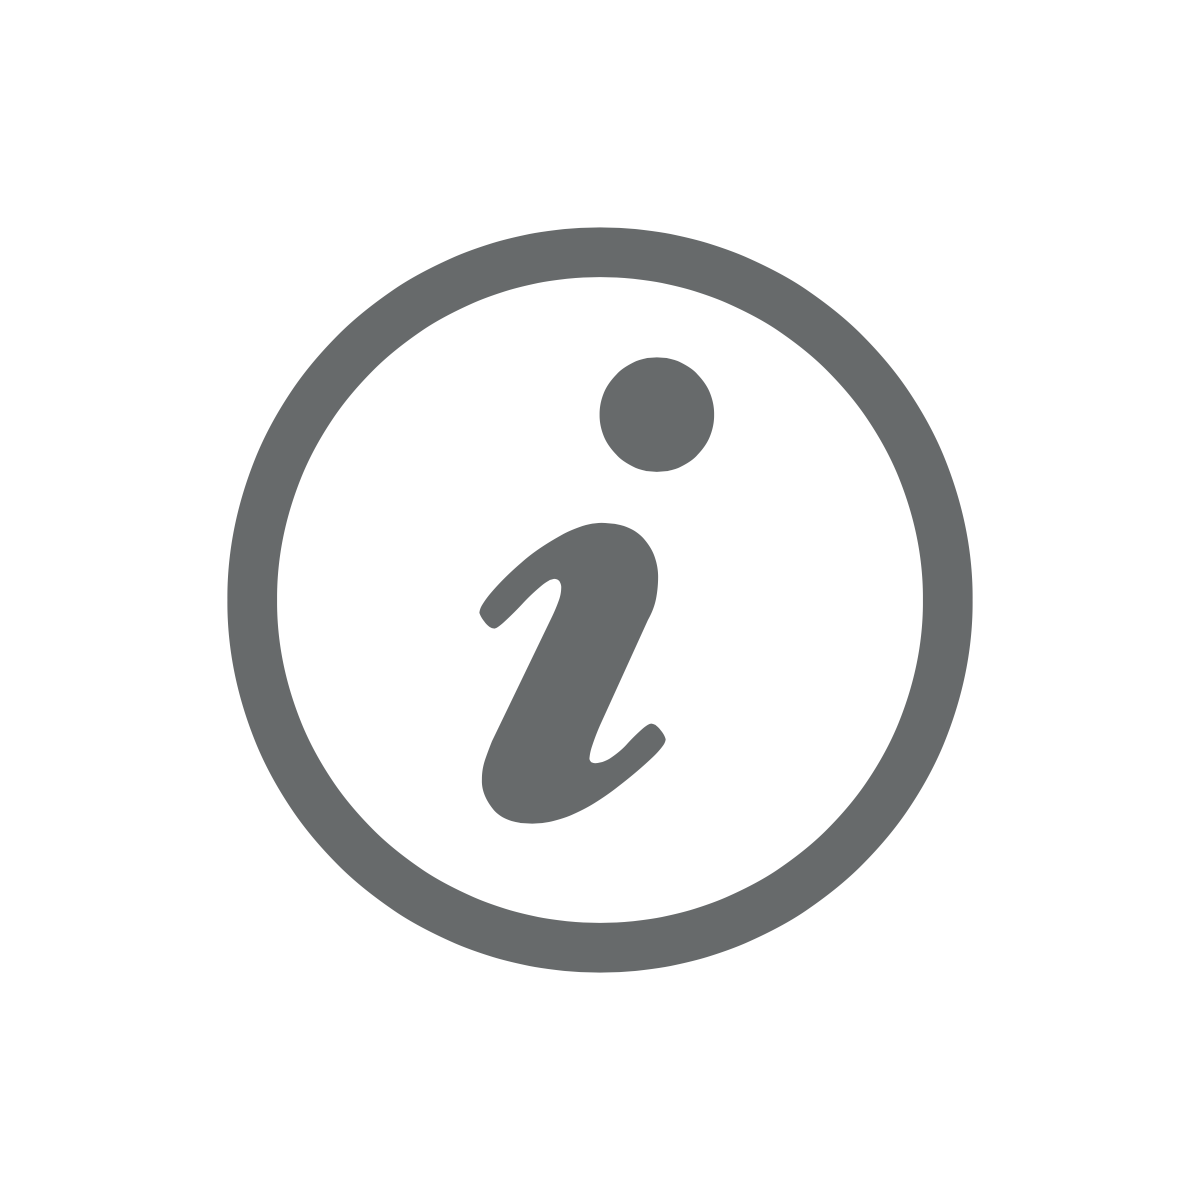 Informatie icoon